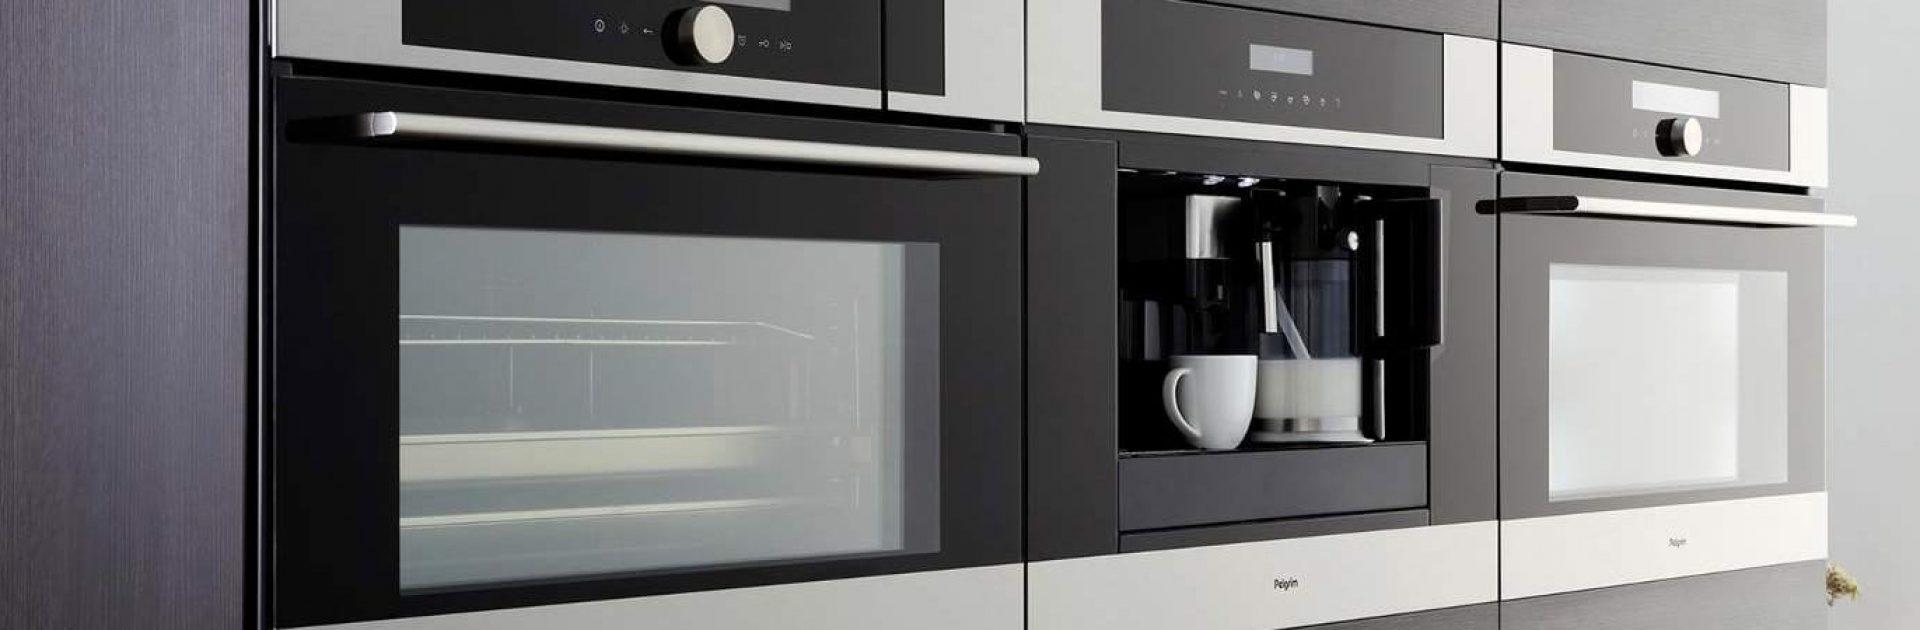 Pelgrim keukenapparatuur en inbouwapparatuur